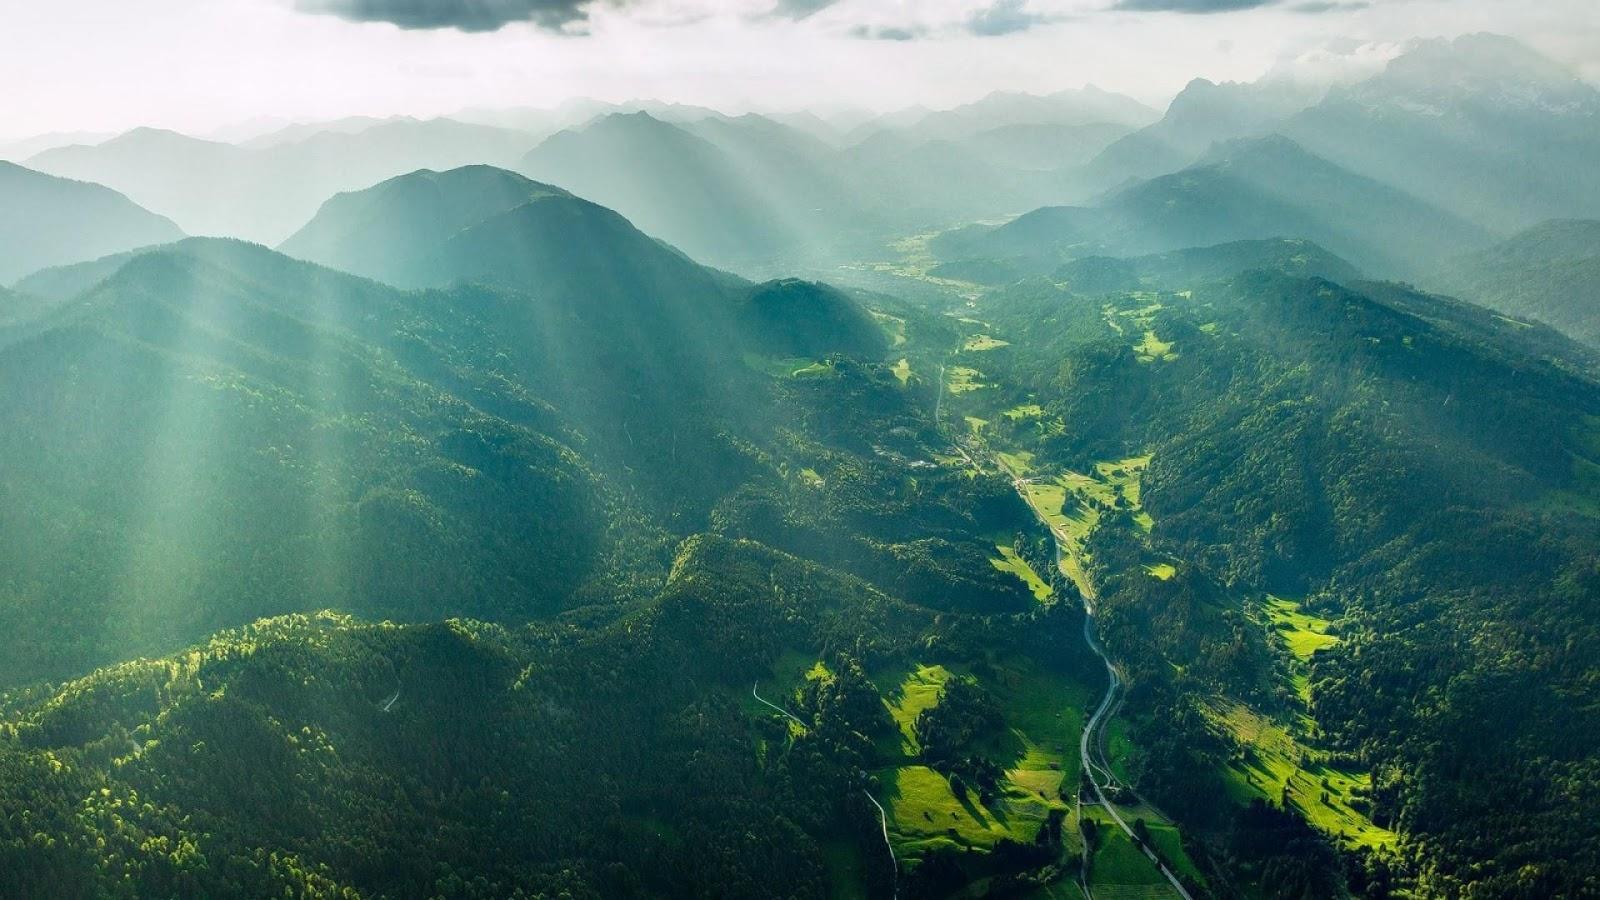 hình ảnh thiên nhiên phong cảnh đẹp (8)